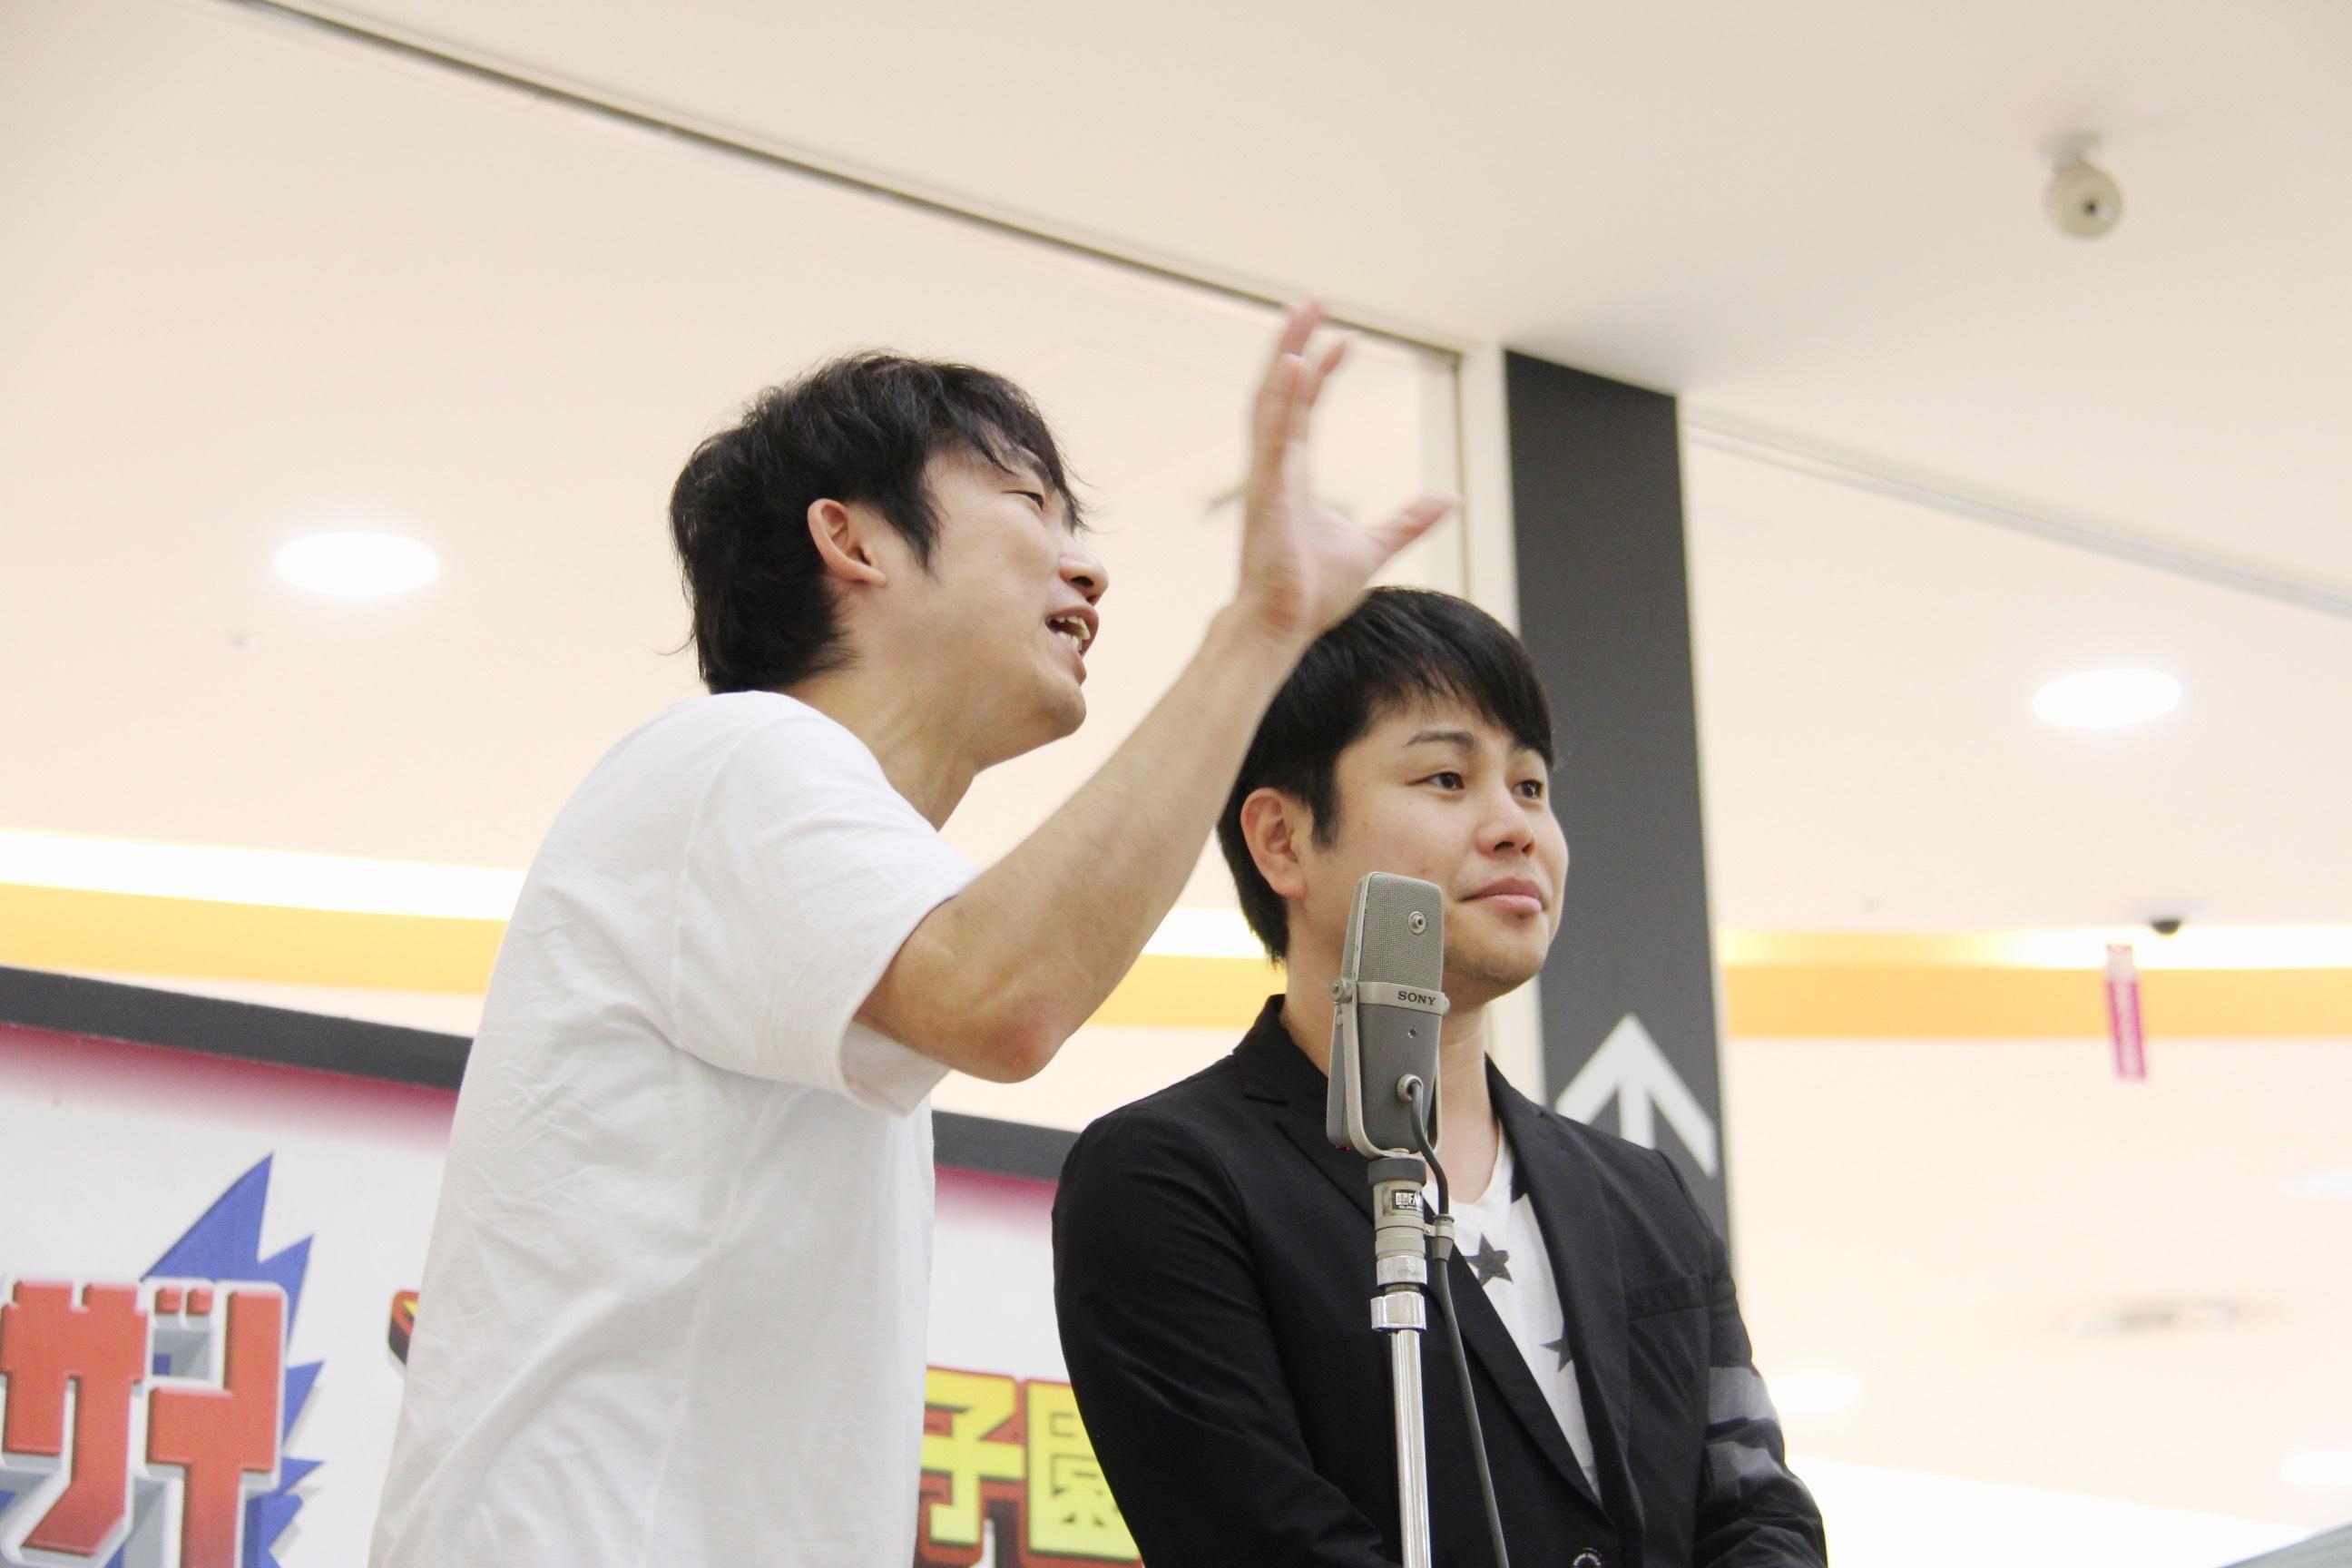 http://news.yoshimoto.co.jp/20180813131727-cf4f84bcd976898b9d74fc00ef0026b8a862cba0.jpg